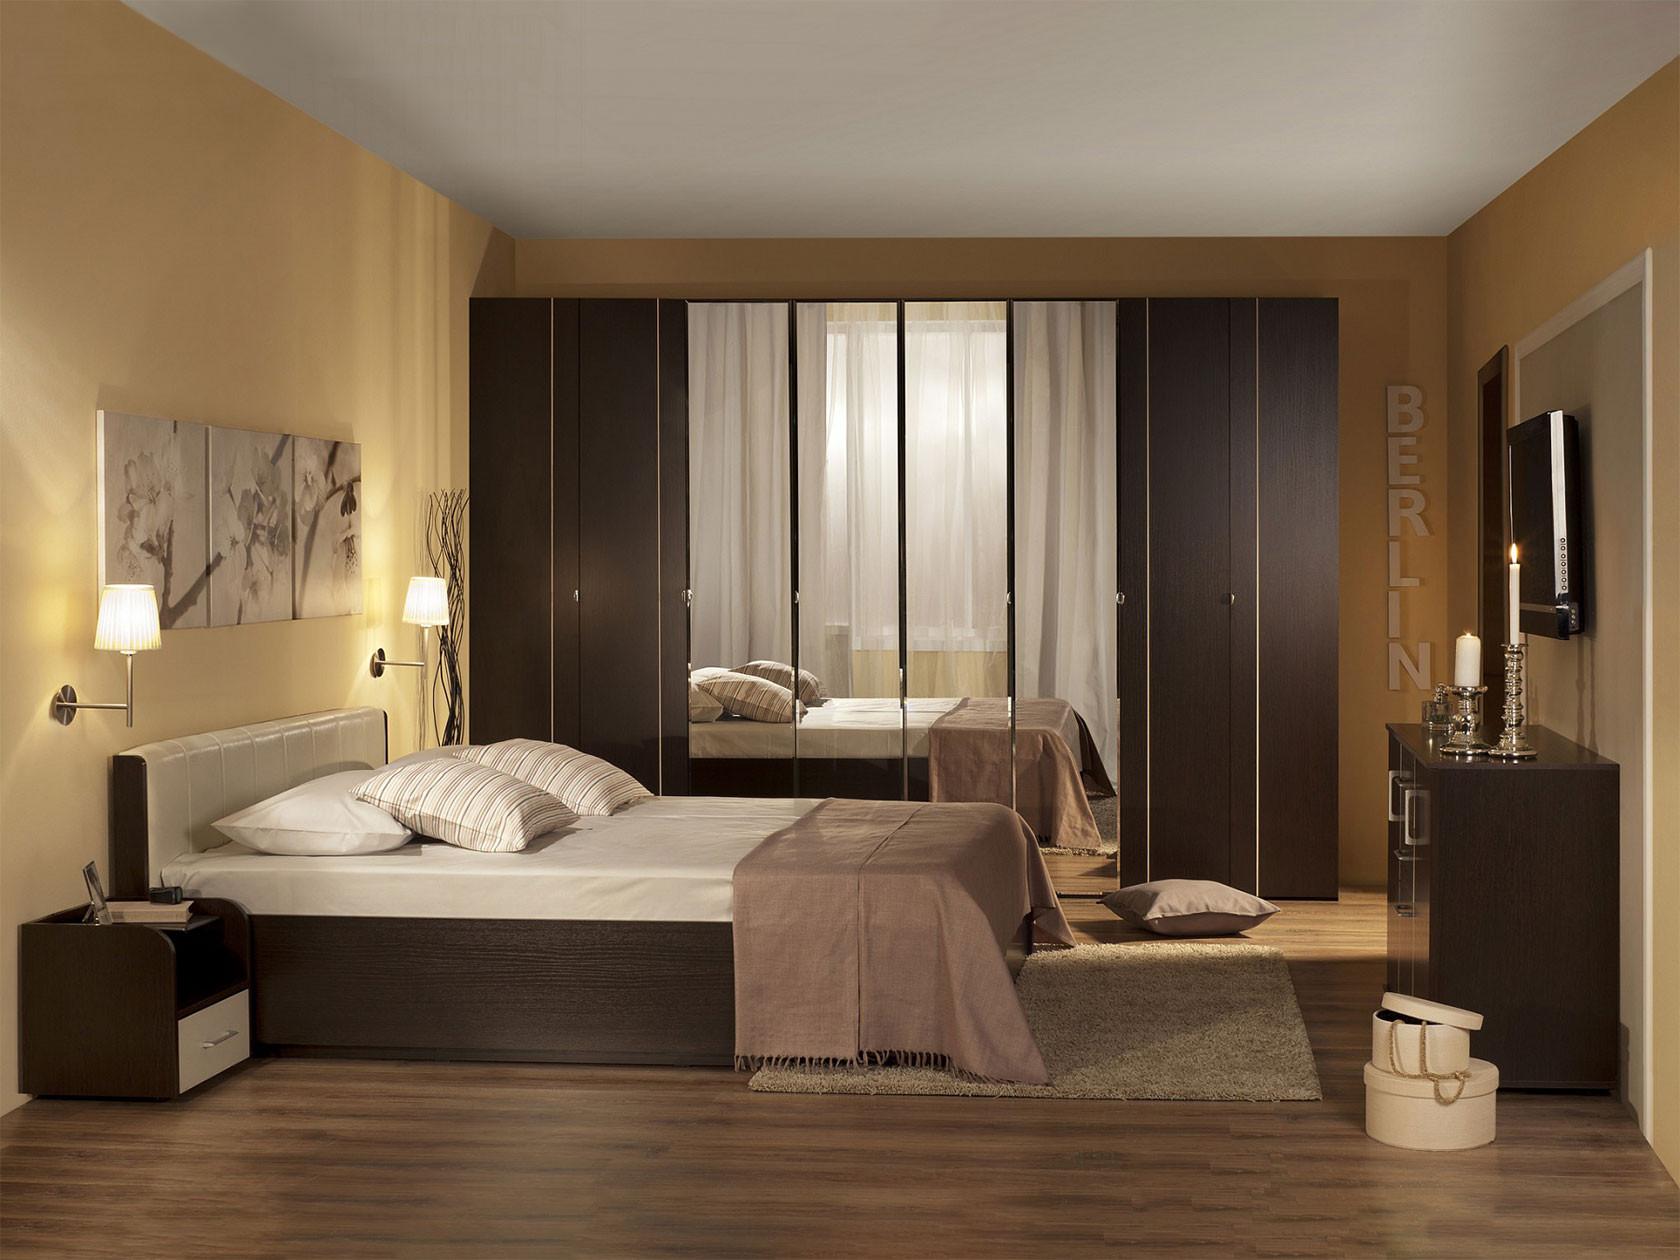 Комплект мебели для спальни ТД Арника Берлин К2 спальный гарнитур нк мебель комплект мебели для спальни тиберия к2